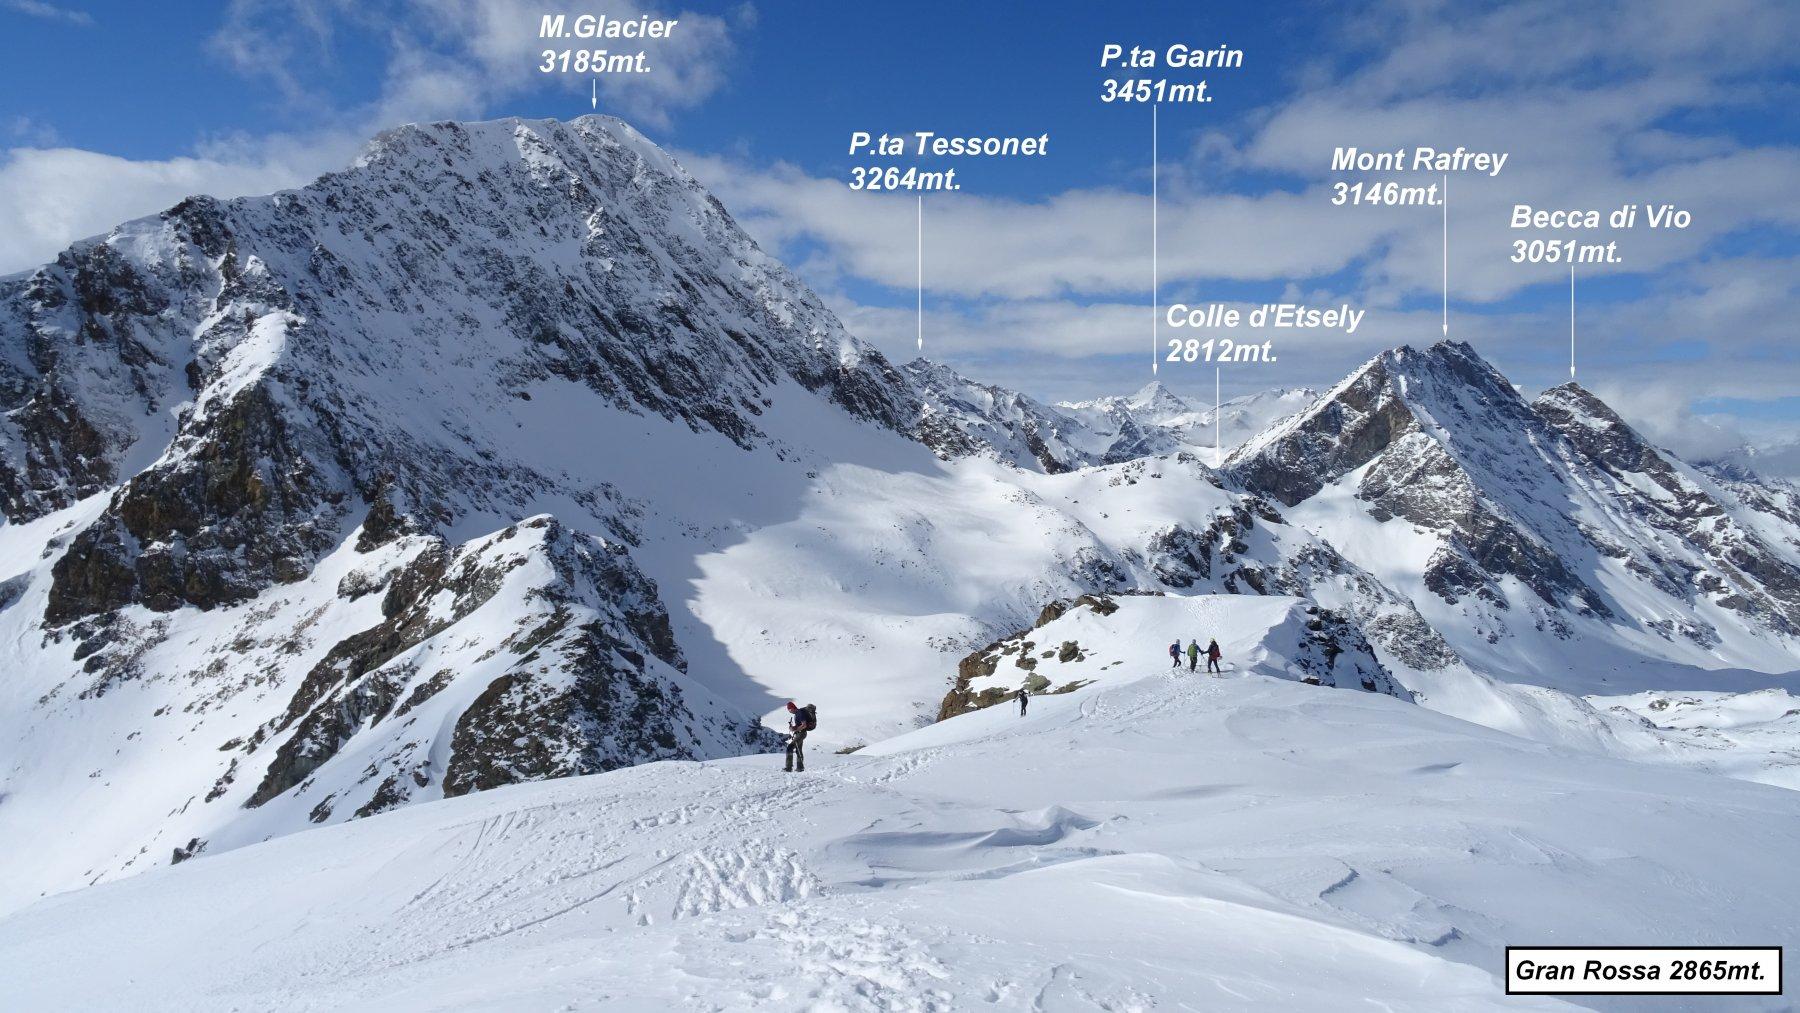 Verso ovest domina il M.Glacier.